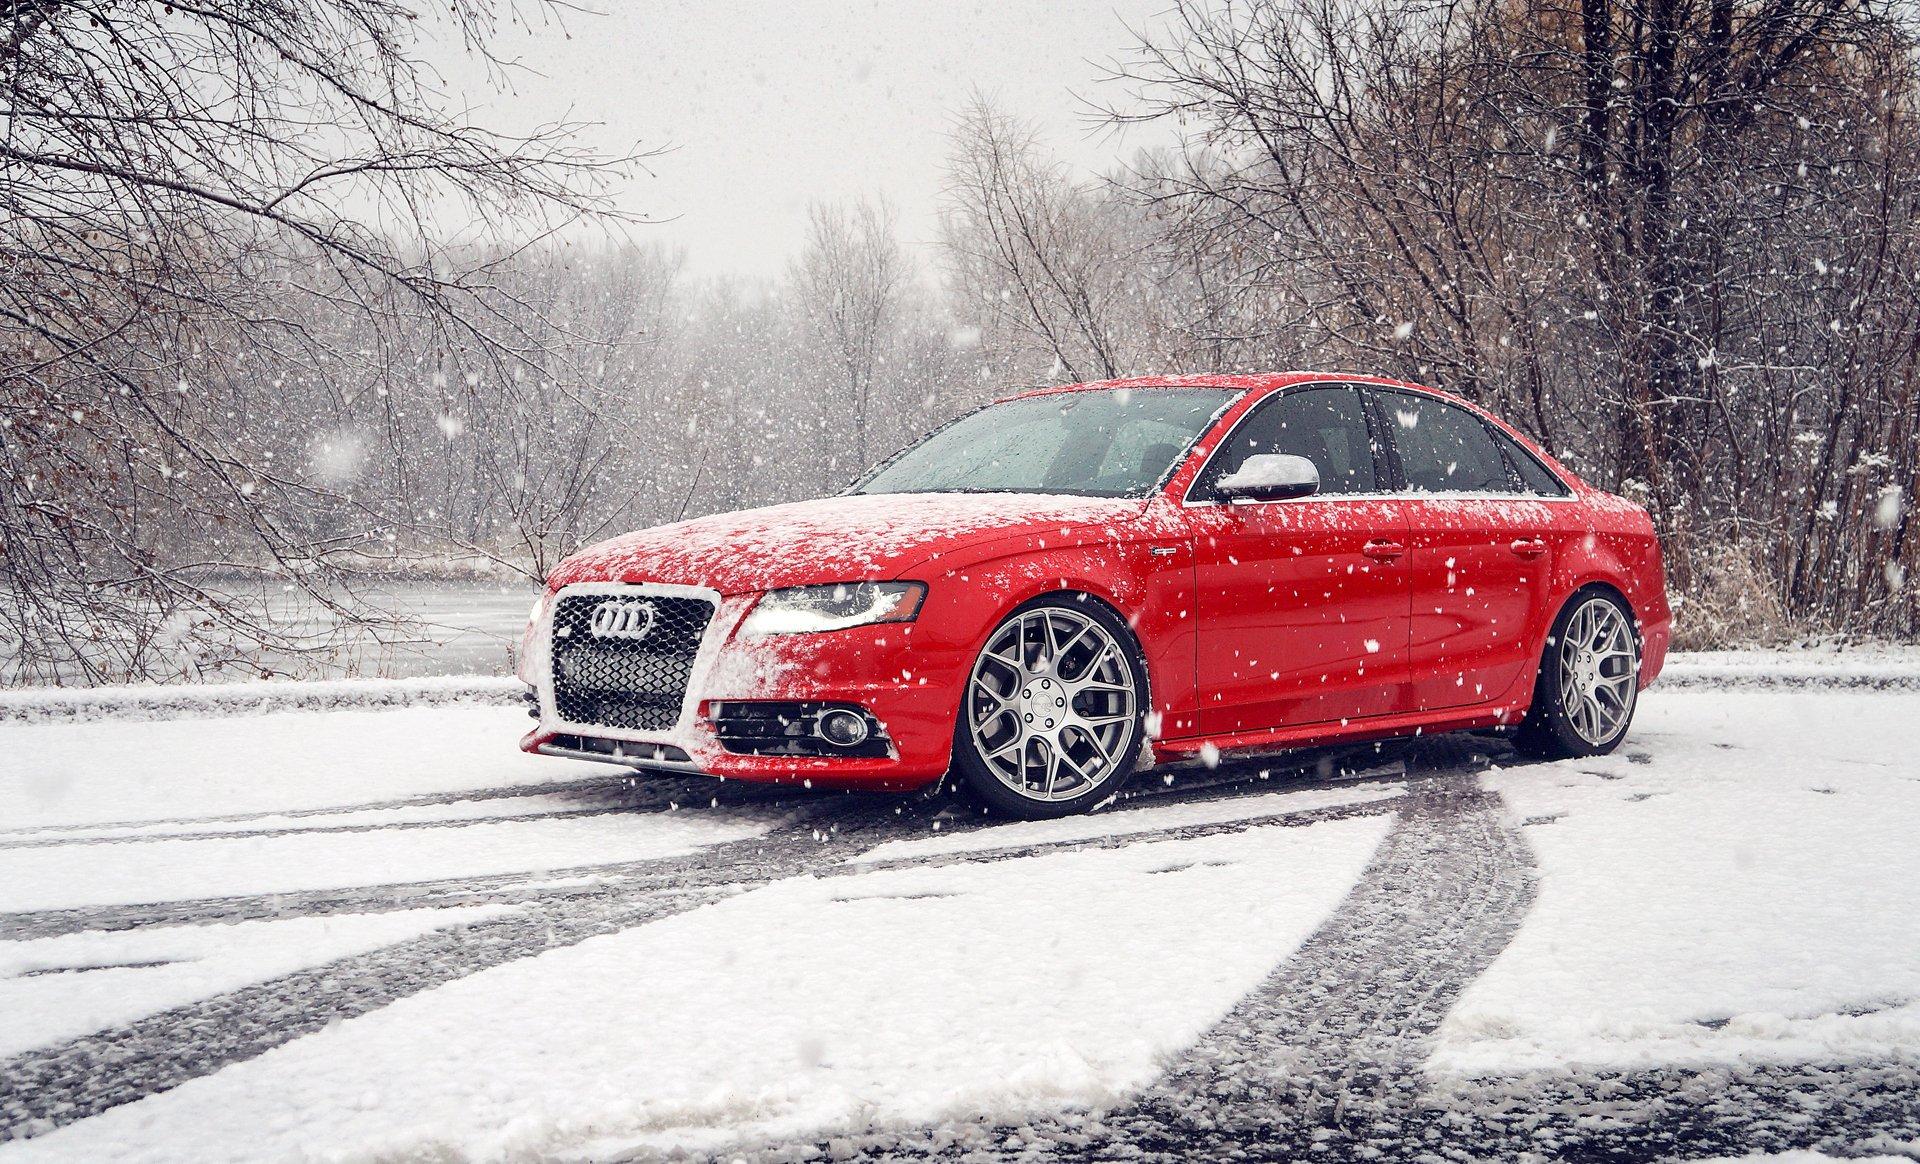 графика автомобиль красный спортивный снег зима бесплатно